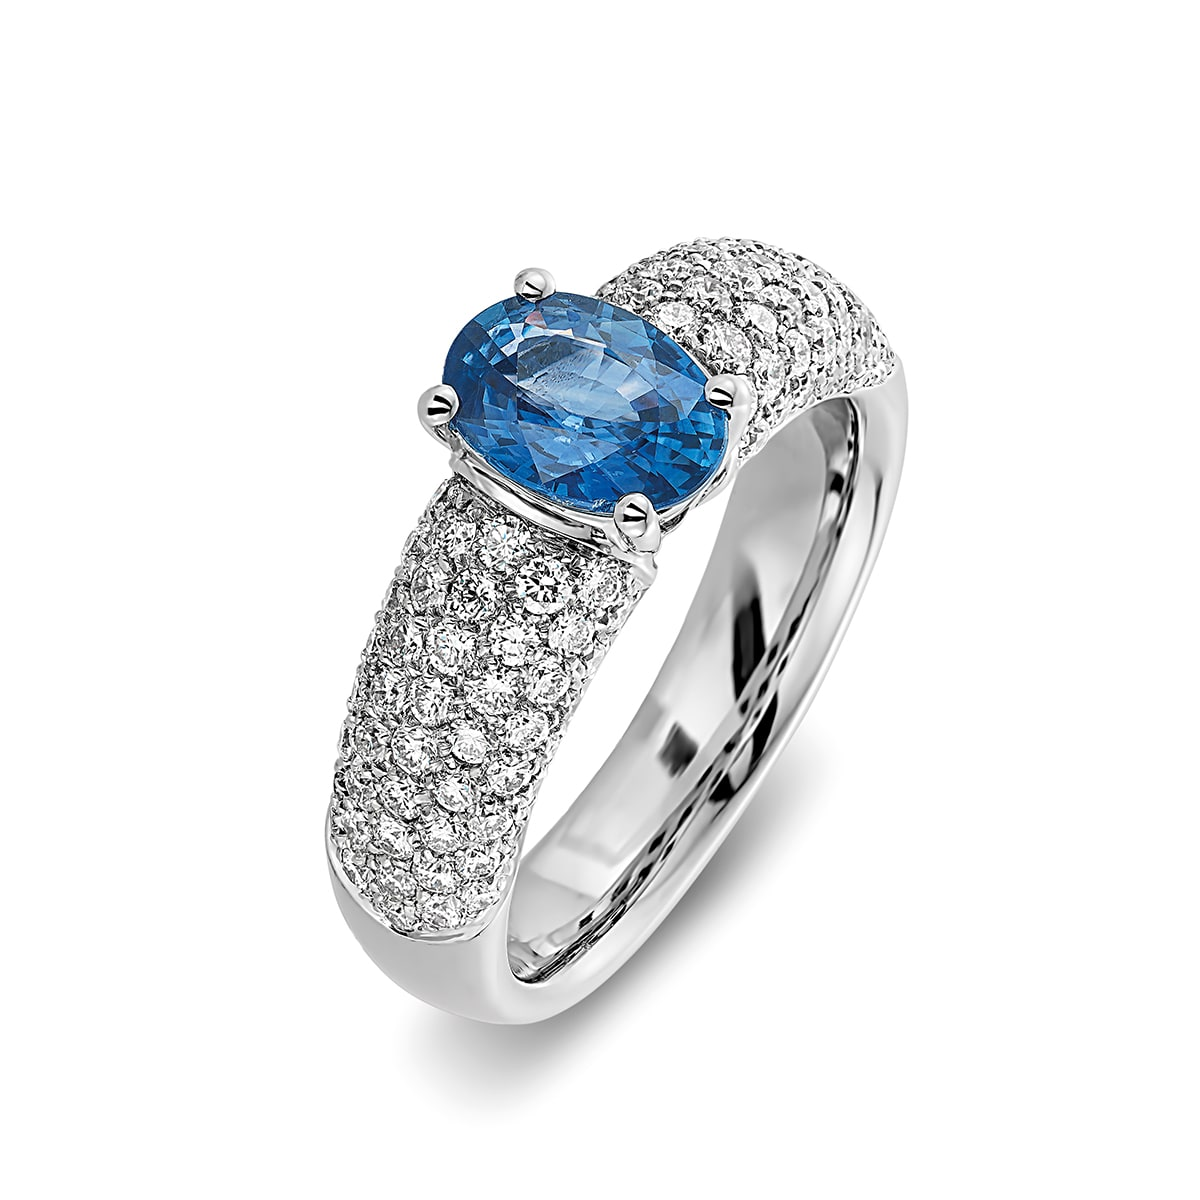 Ring blauwe saffier en diamanten